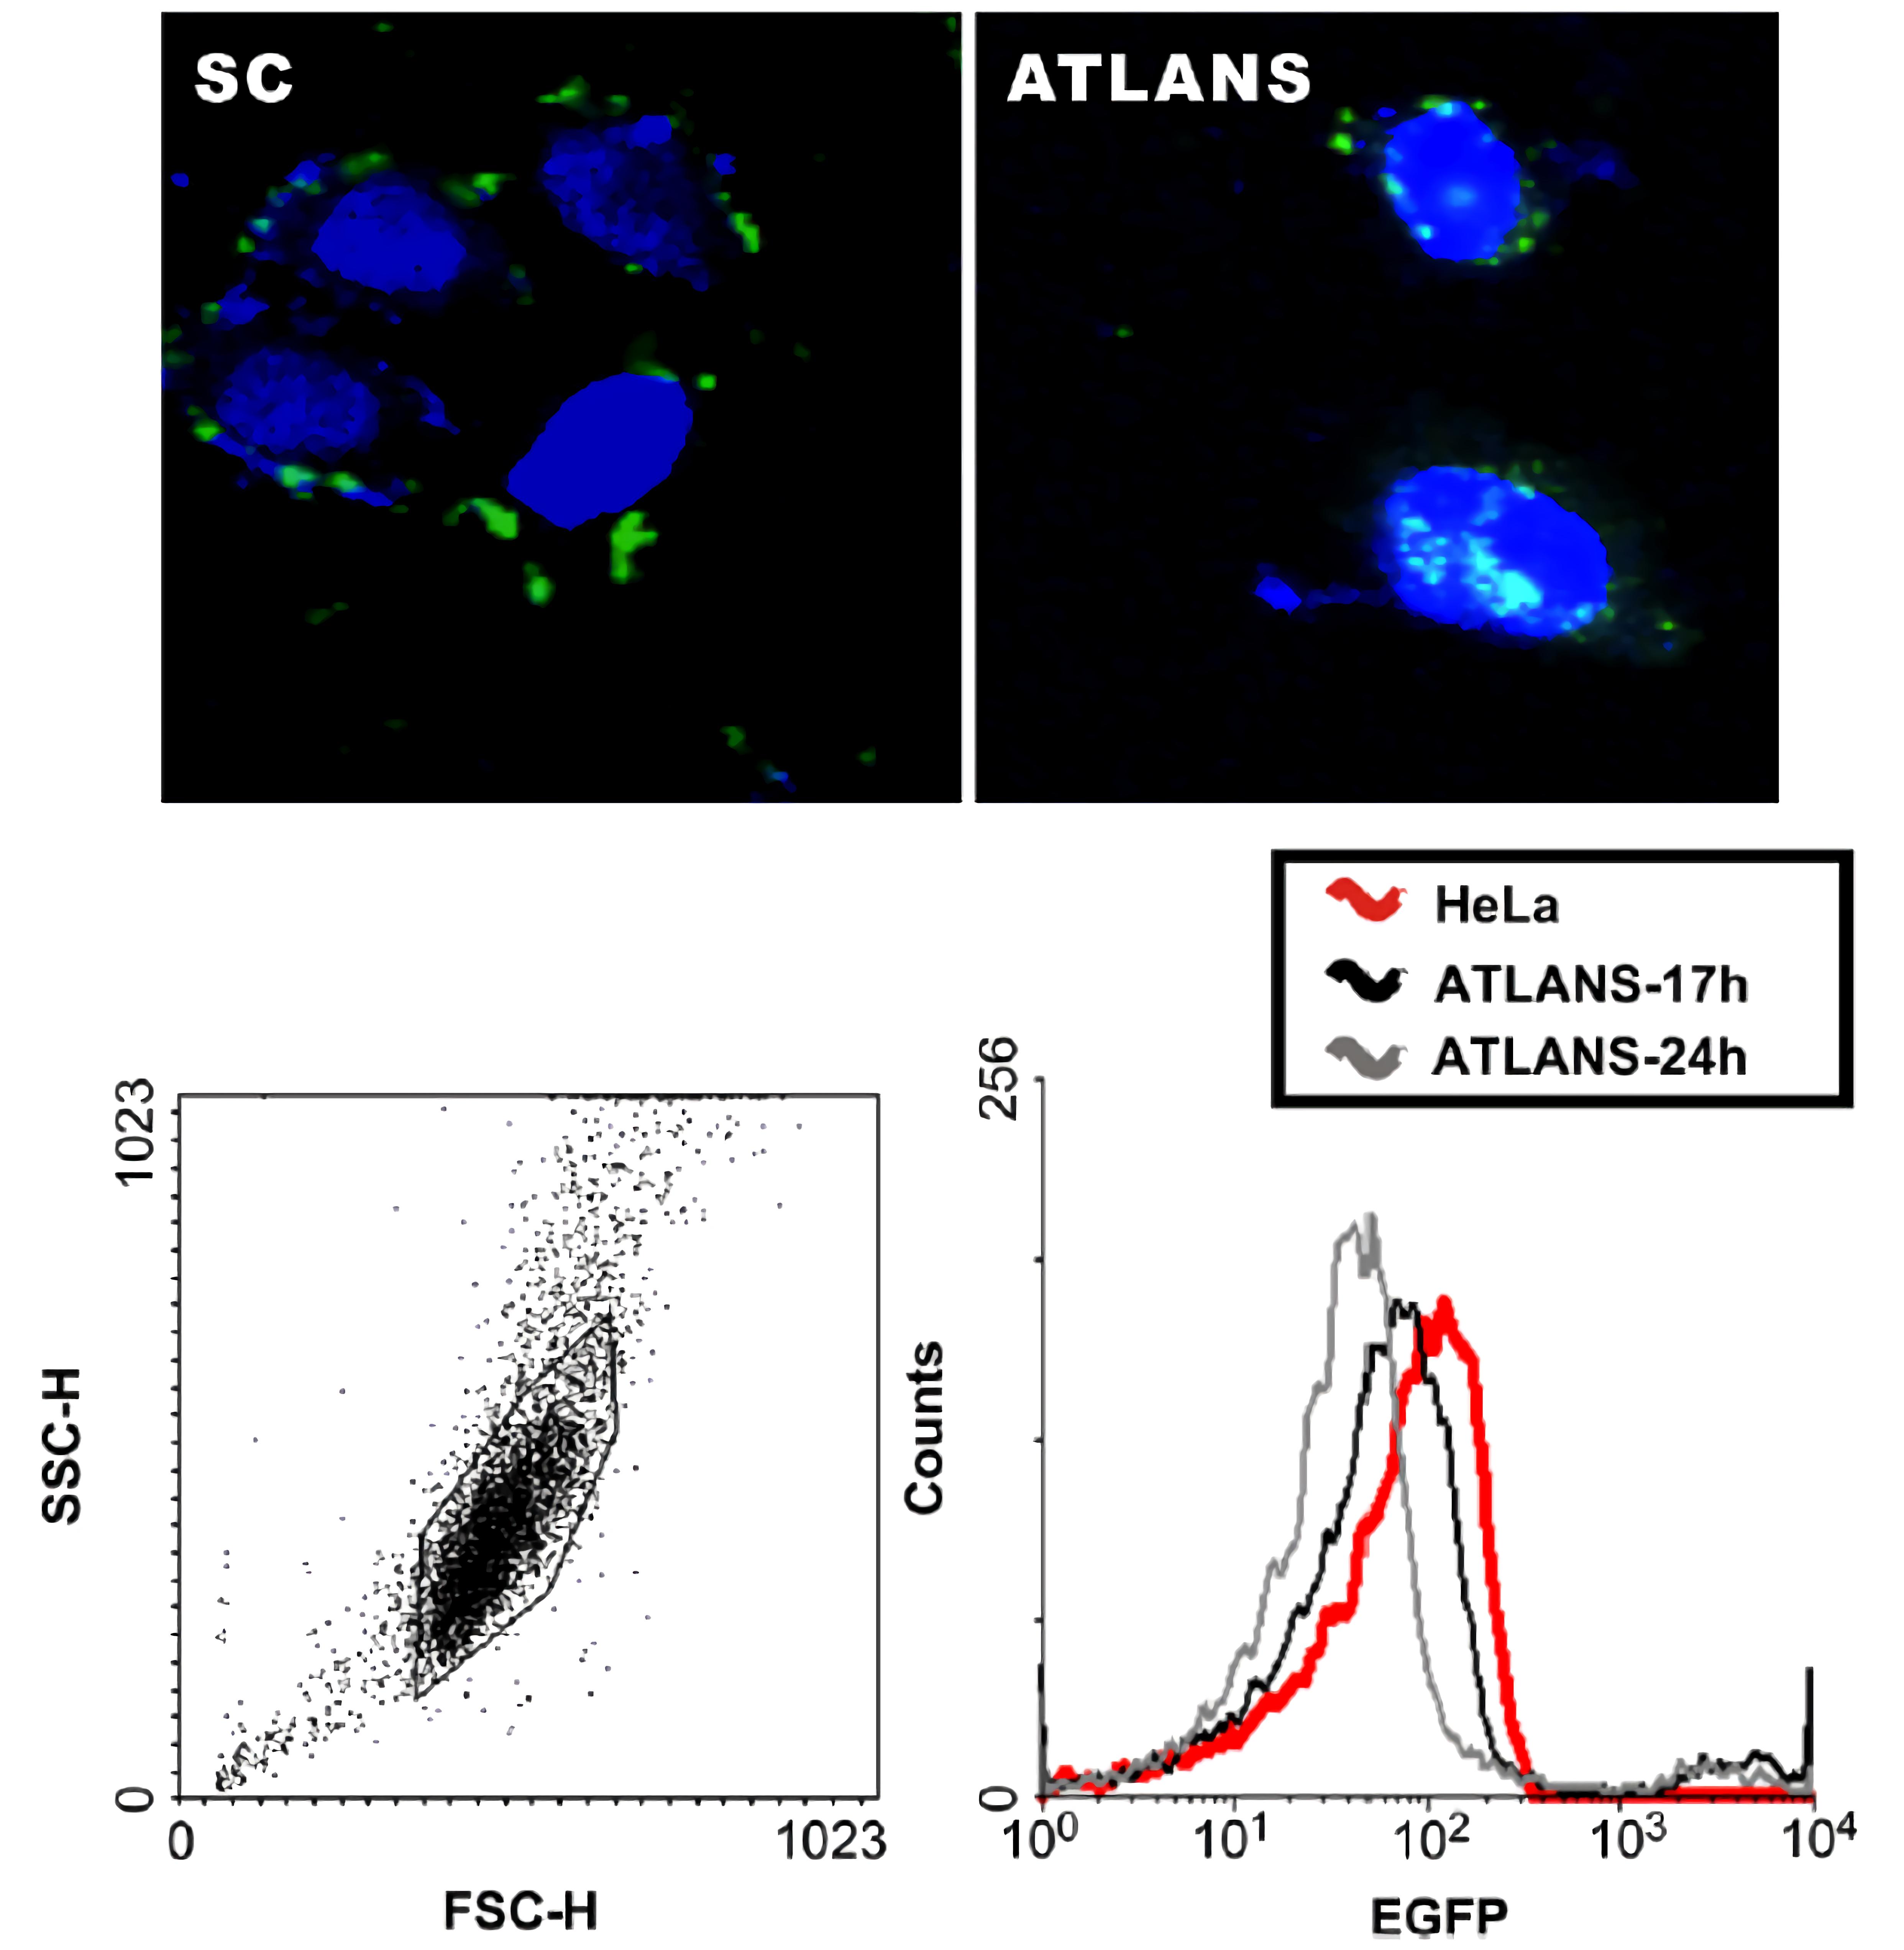 利用轉殖綠色螢光蛋白基因(EGFP)之細胞進行活細胞基因剪切測試